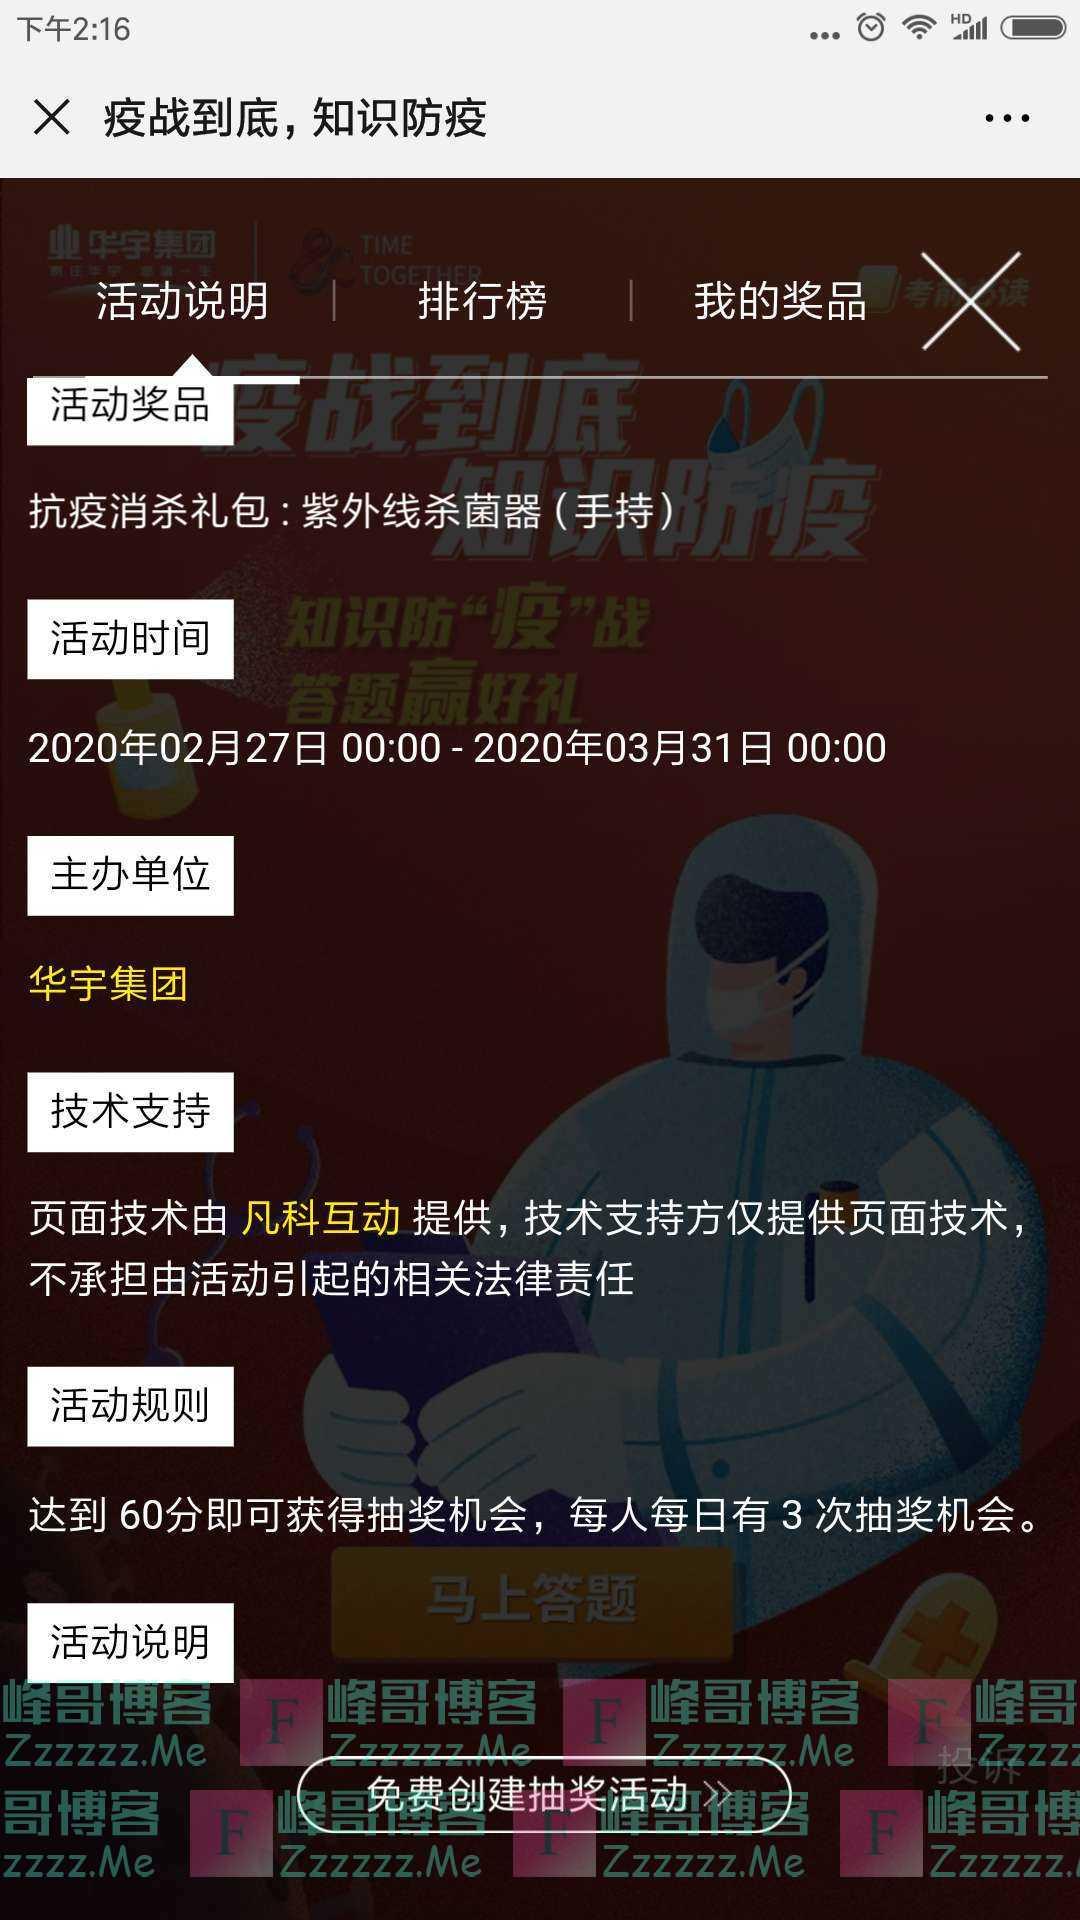 华宇集团智取防疫战,答题赢好礼(截止3月31日)